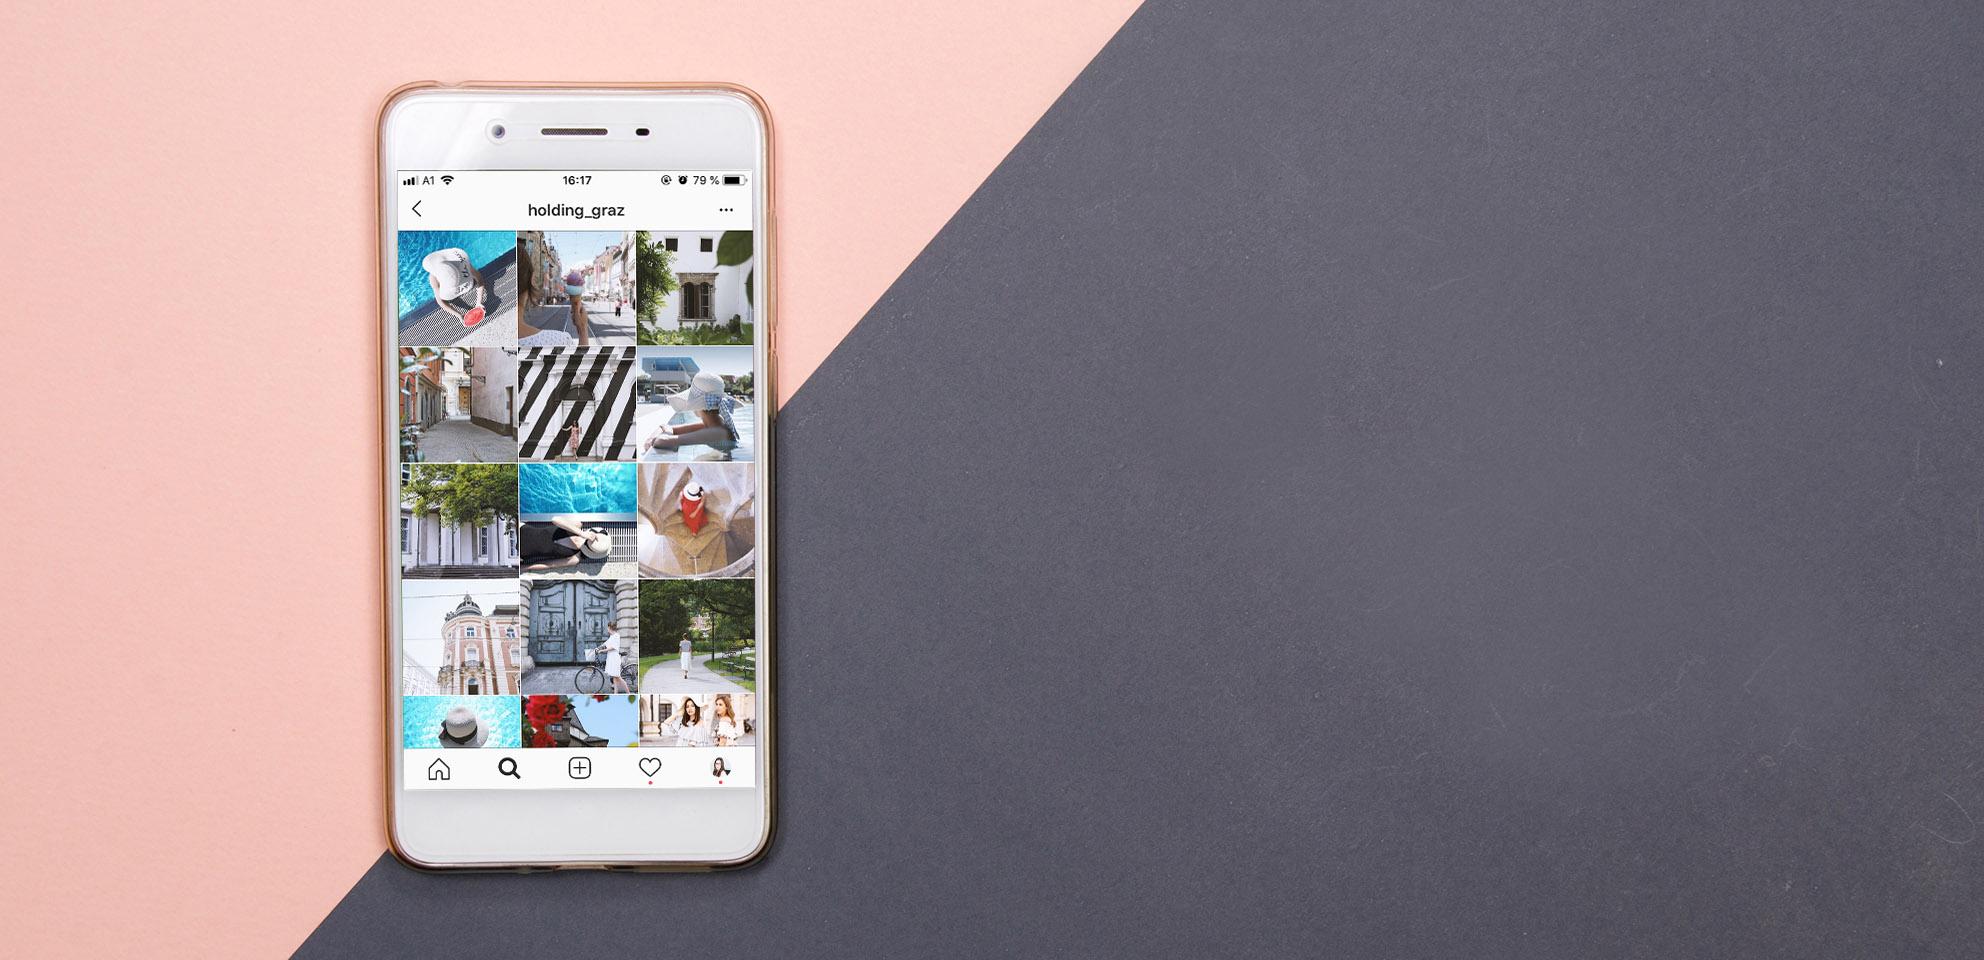 Instagram Takeover Instagram Übernahme